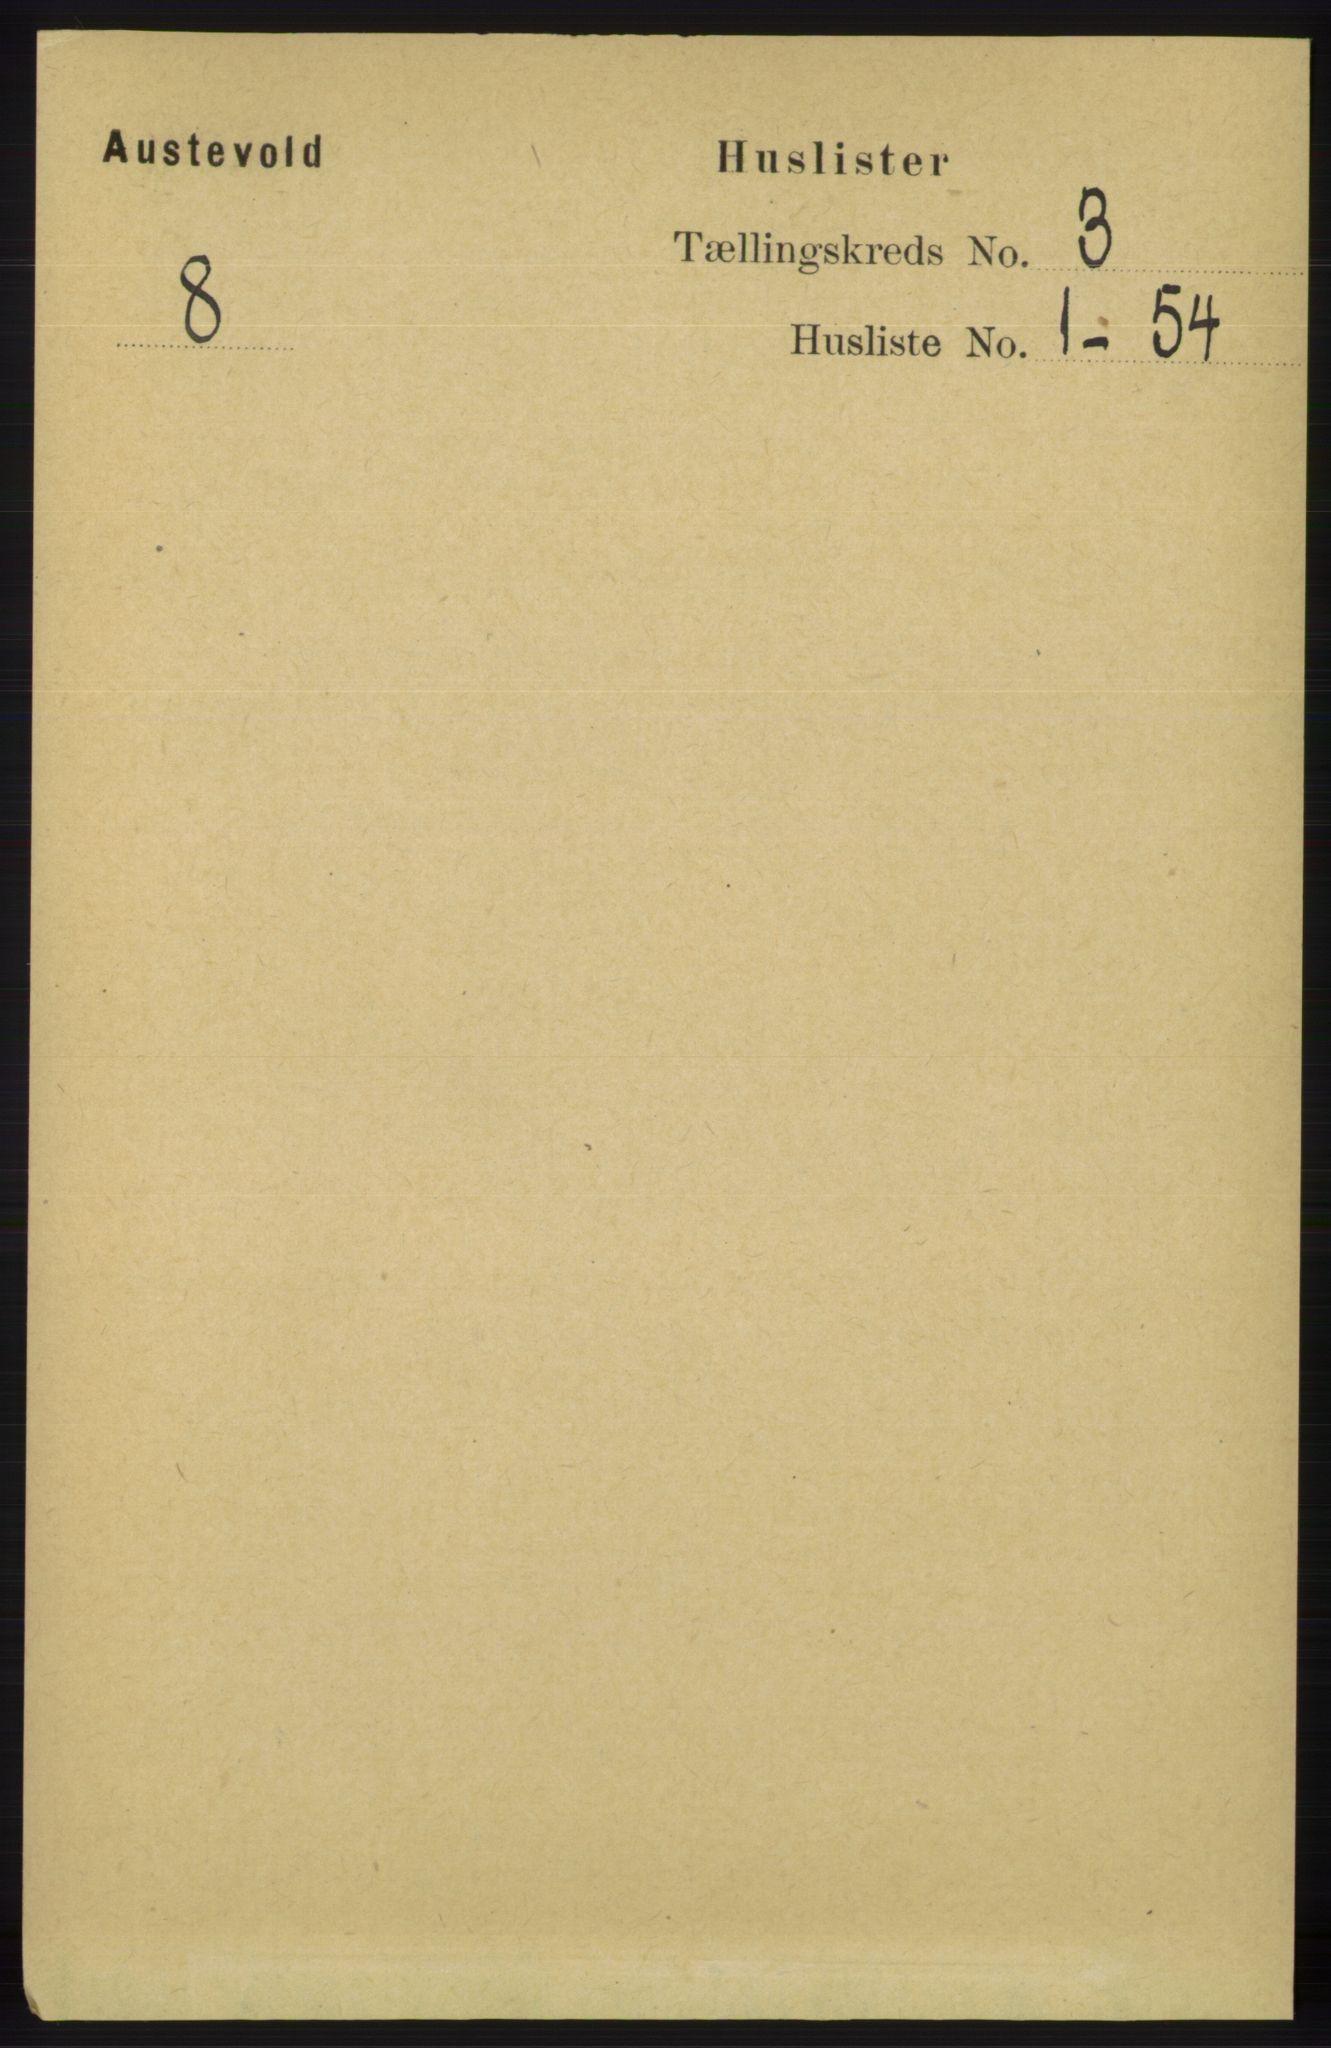 RA, Folketelling 1891 for 1244 Austevoll herred, 1891, s. 897